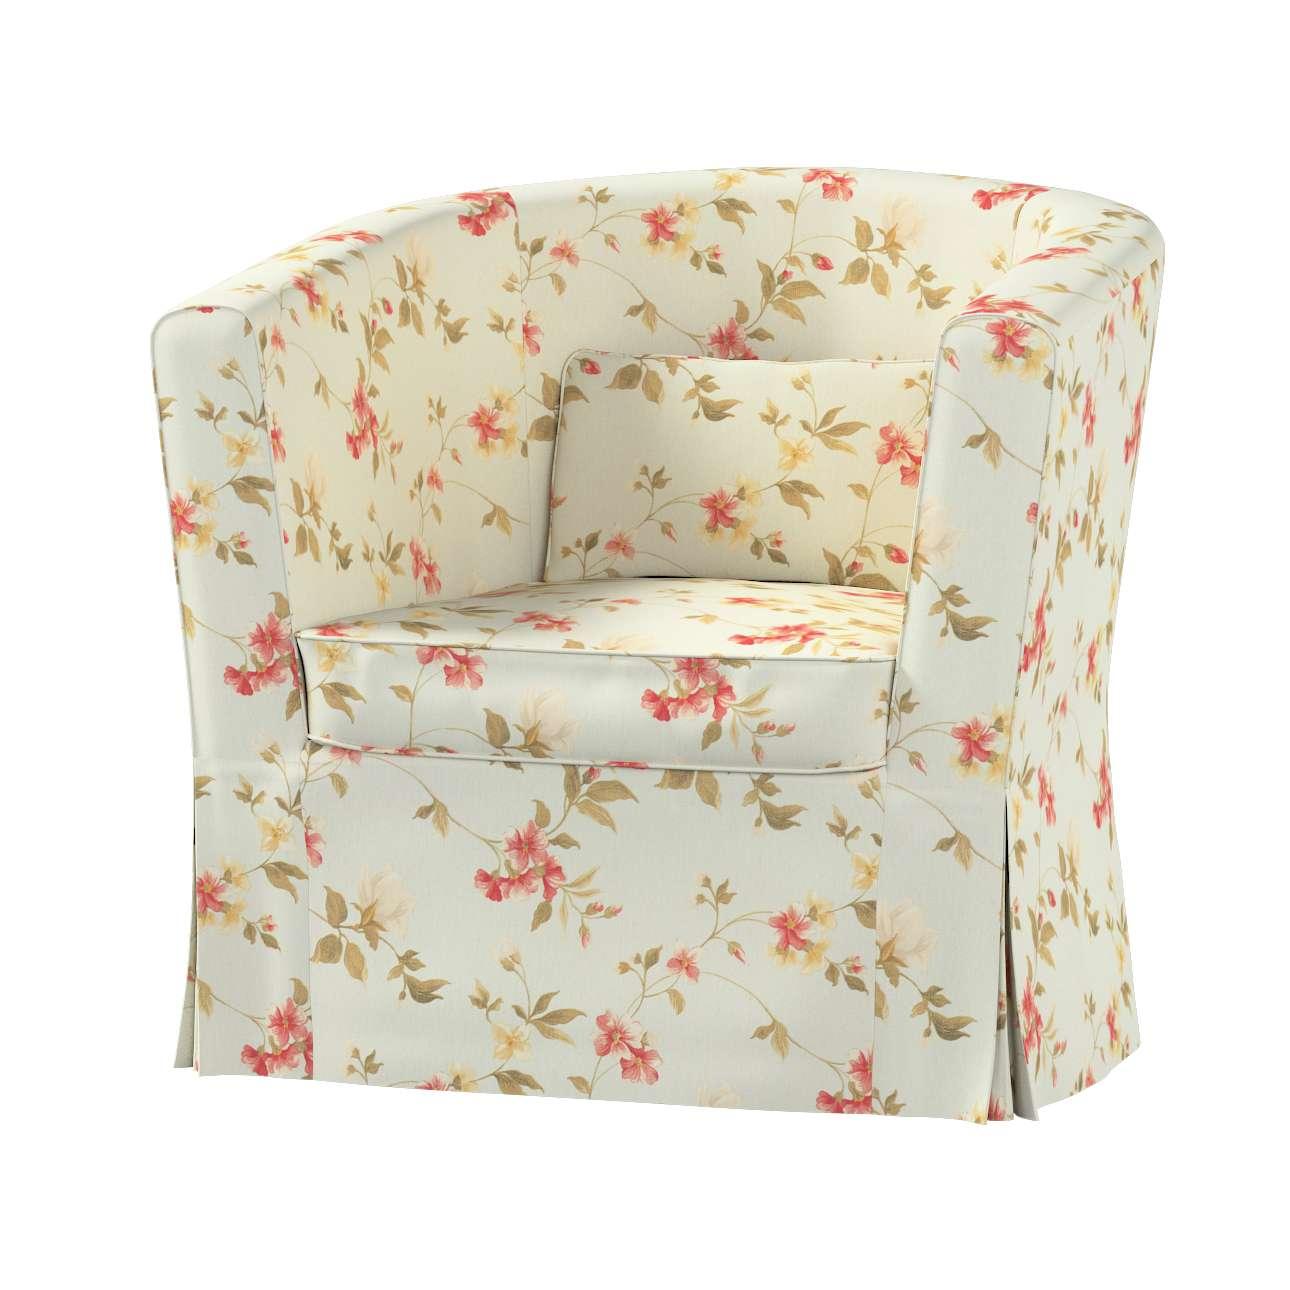 EKTORP TULLSTA fotelio užvalkalas Ektorp Tullsta fotelio užvalkalas kolekcijoje Londres, audinys: 124-65